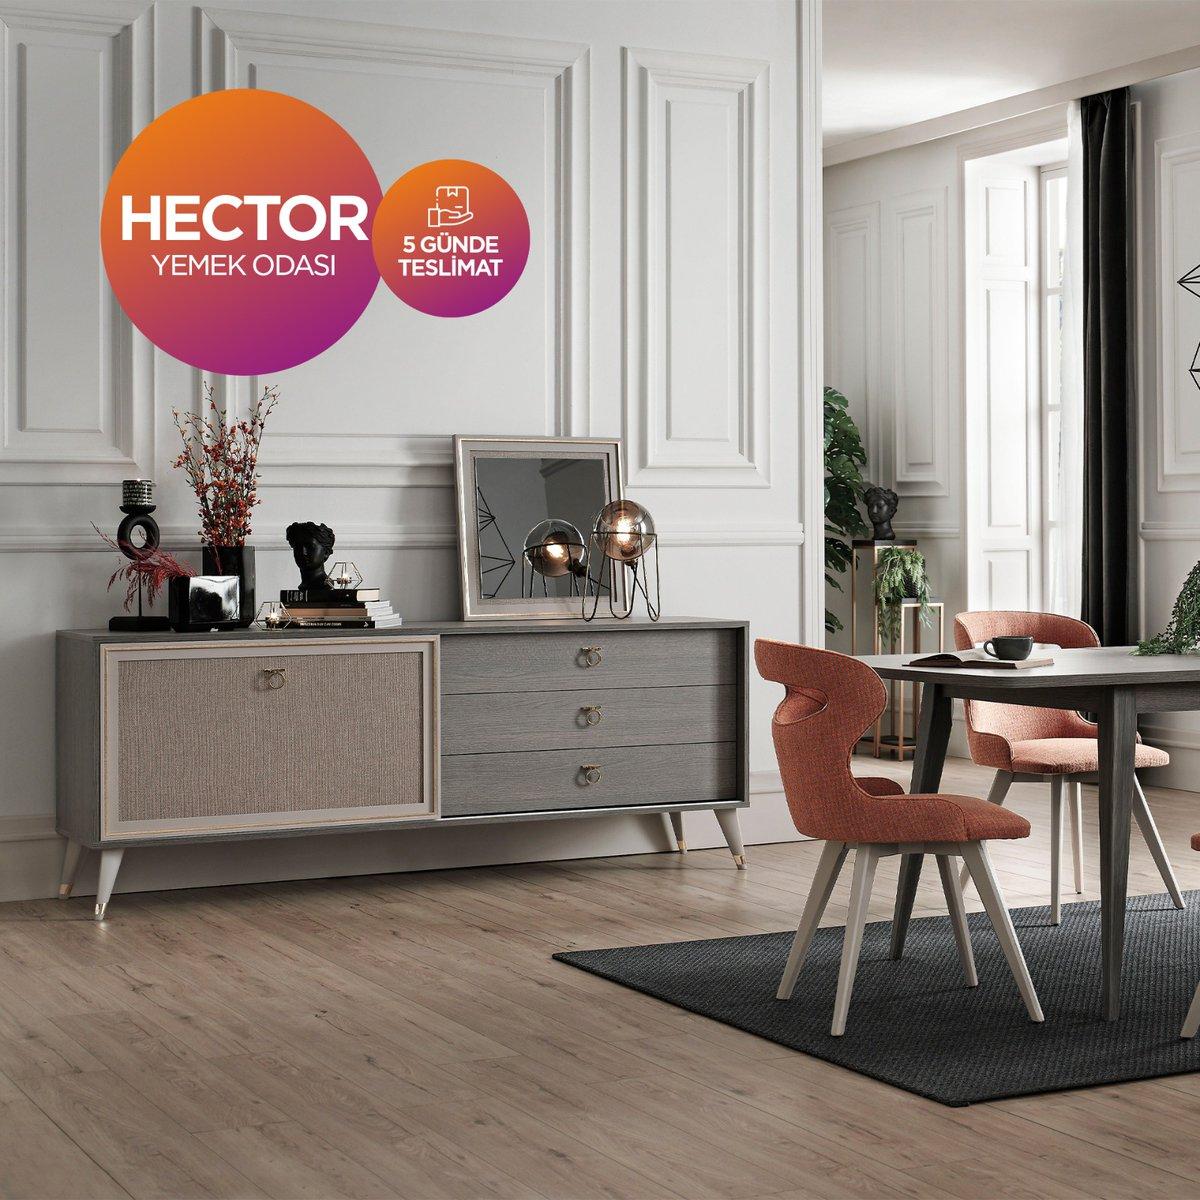 Doğtaş'tan kaçırılmayacak fırsat! Hector yemek odası 5 günde teslimat avantajıyla, Doğtaş mağaza ve online alışverişlerde sizleri bekliyor.  #Doğtaş#ŞimdiTarzDoğtaş#Berjer#YatakOdasıTakımı#aksesuar#homedecor#interiordesign#dekorasyon#decoration #indirim#kampanya